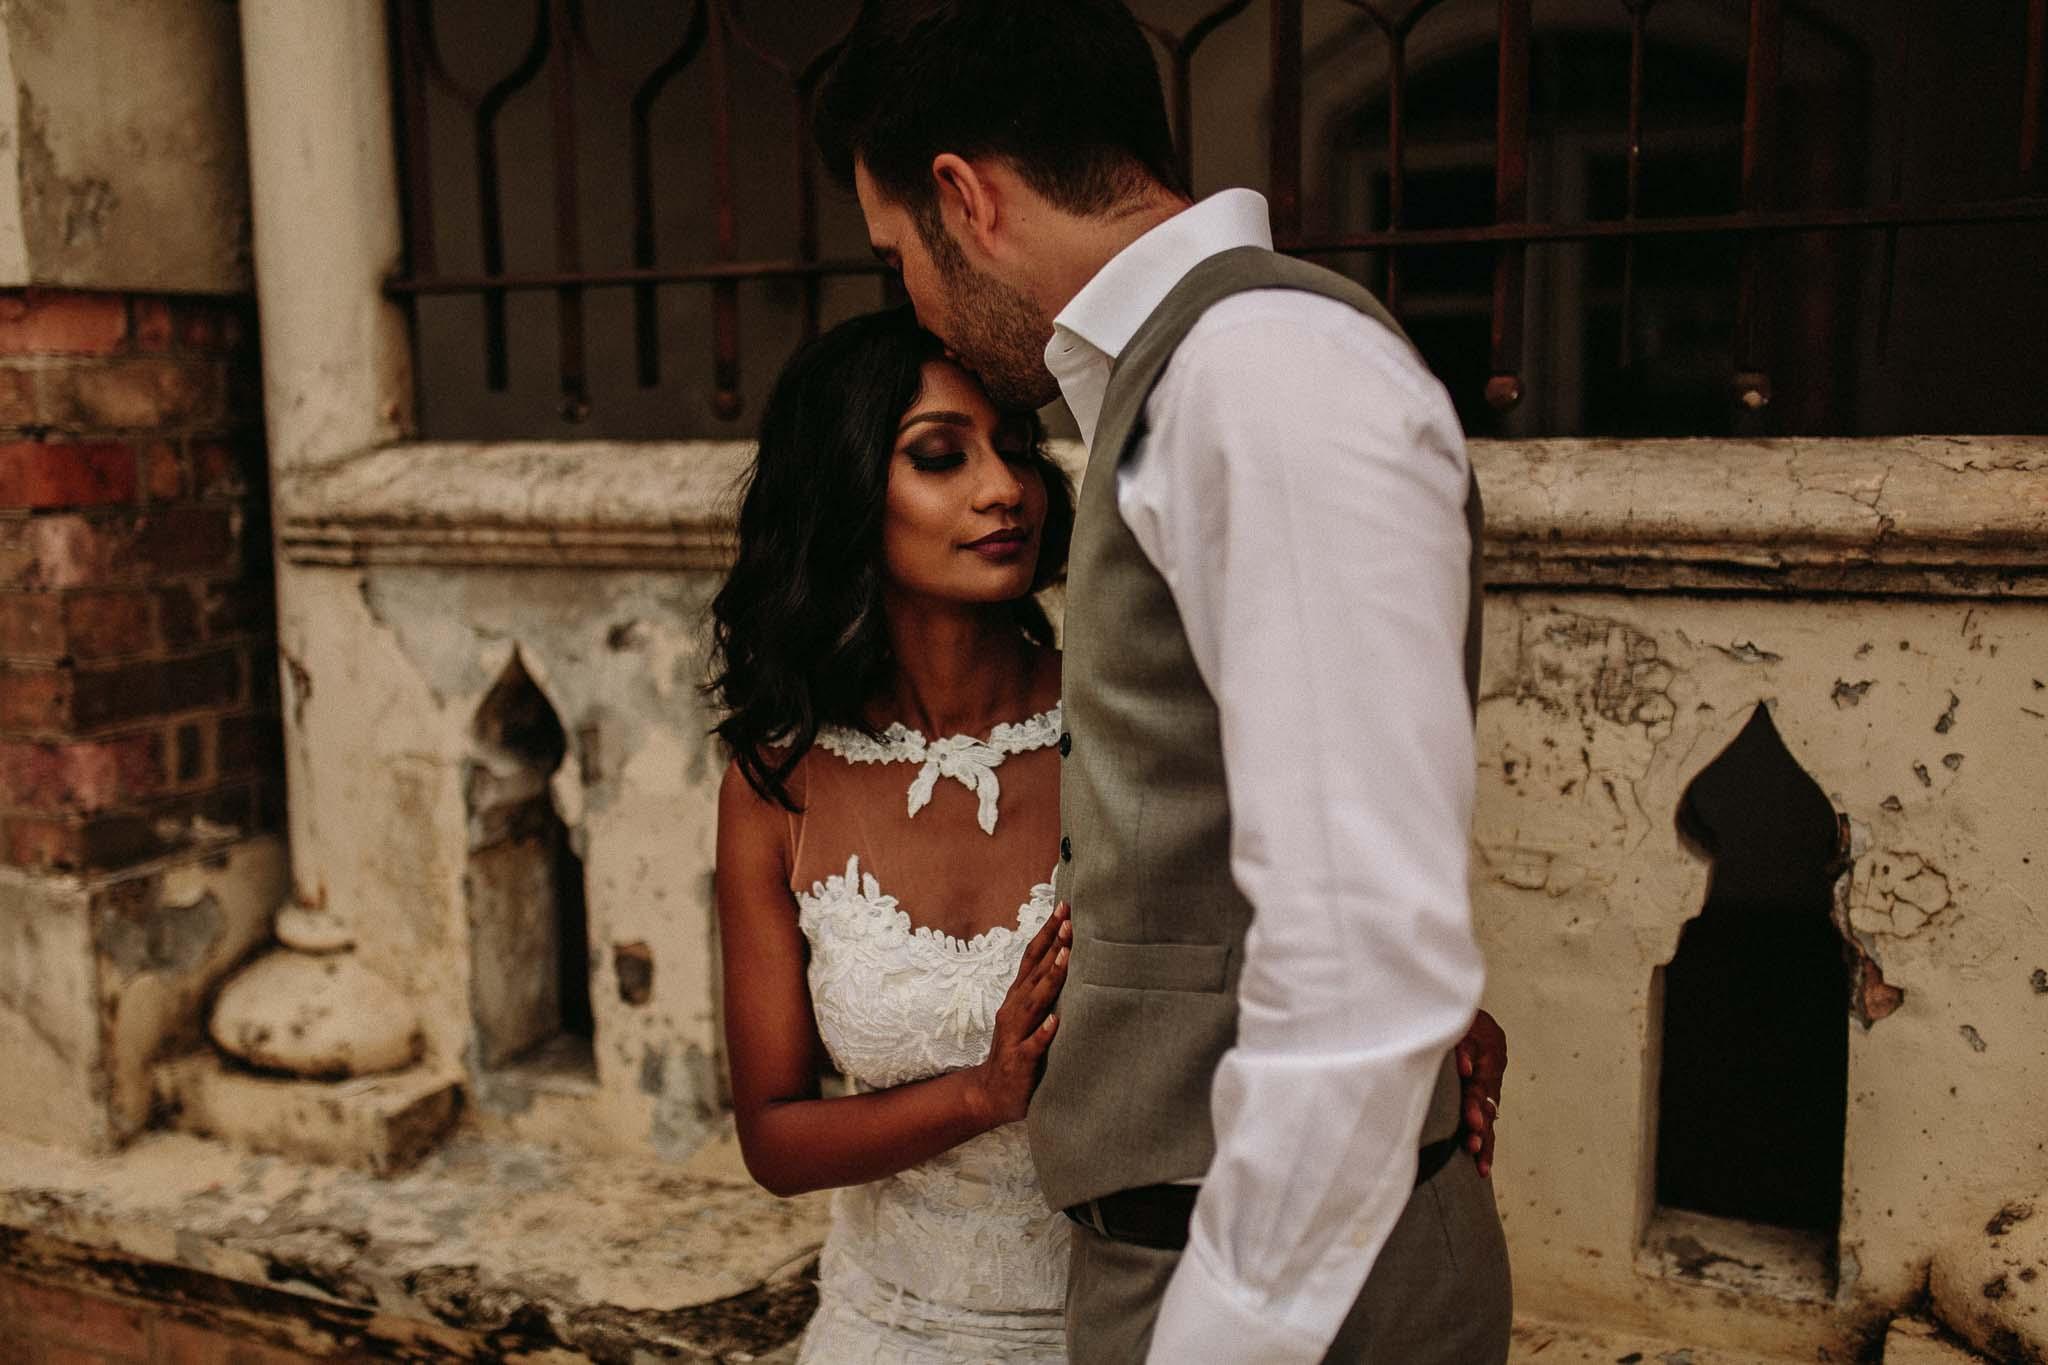 u&m-weddingsbyqay-lovesession-destinationweddingphotographer (140 of 160).jpg